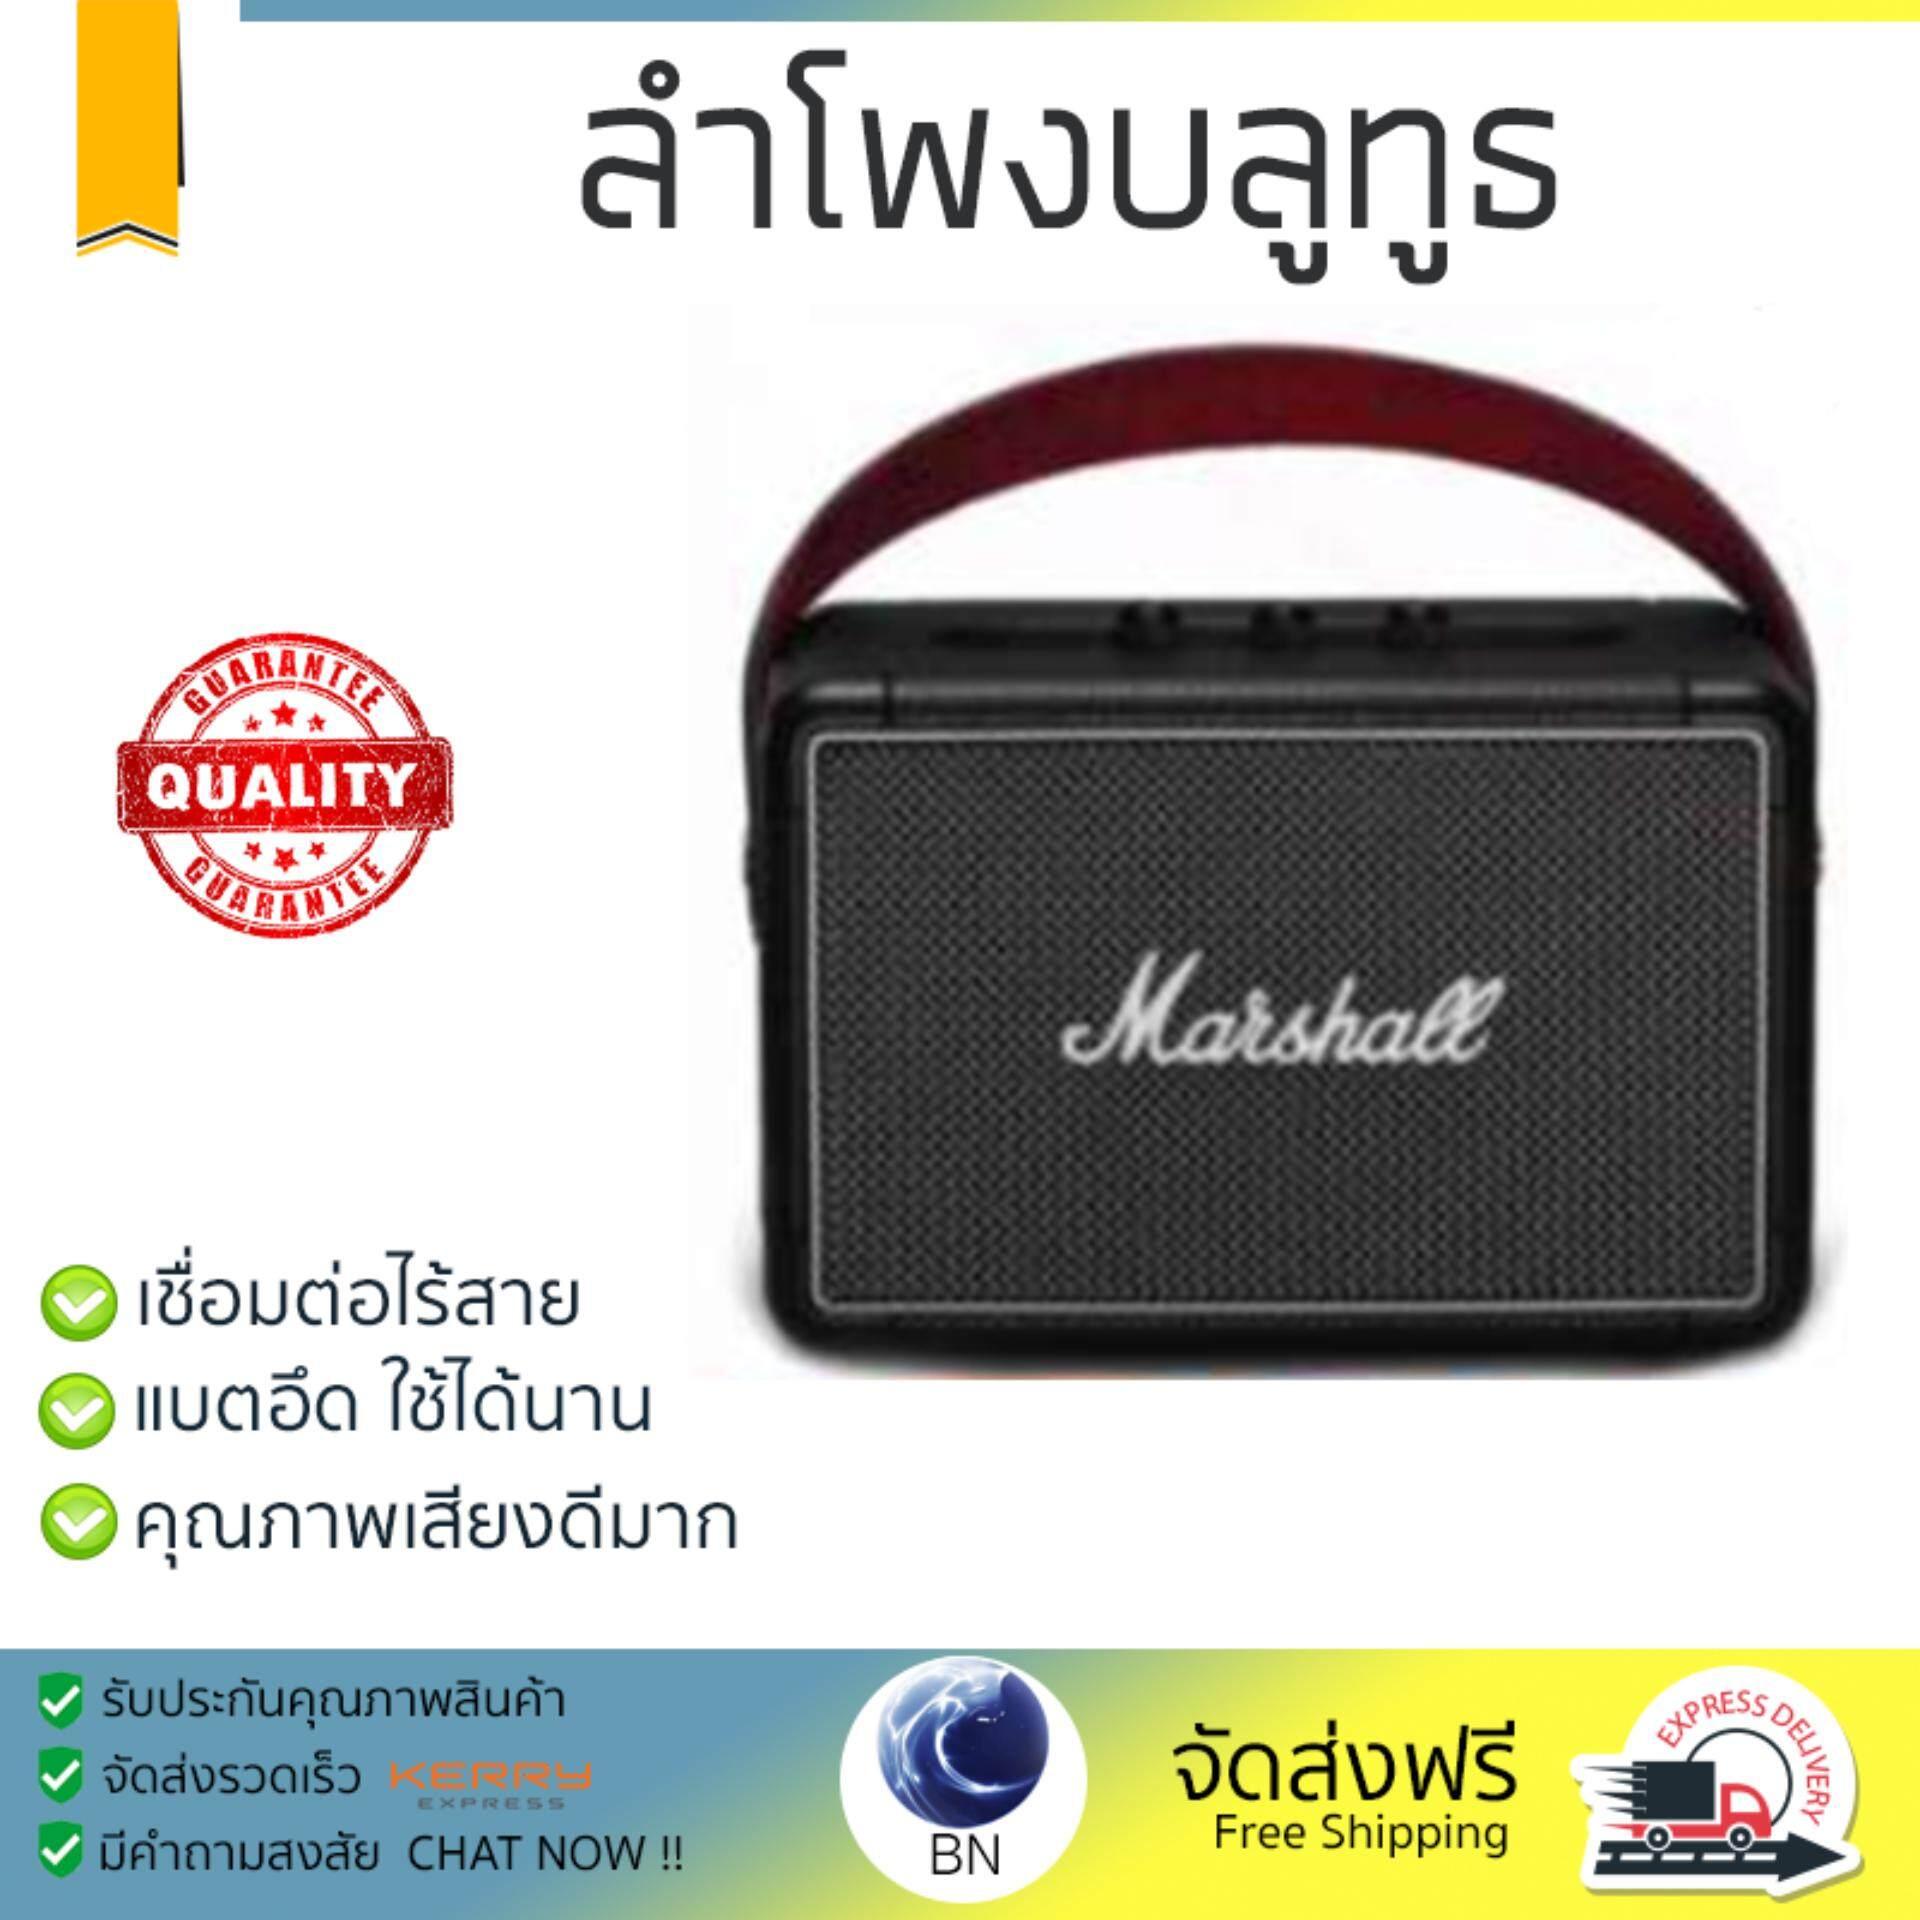 สุรินทร์ จัดส่งฟรี ลำโพงบลูทูธ  Marshall Bluetooth Speaker 2.1 Kilburn II Black เสียงใส คุณภาพเกินตัว Wireless Bluetooth Speaker รับประกัน 1 ปี